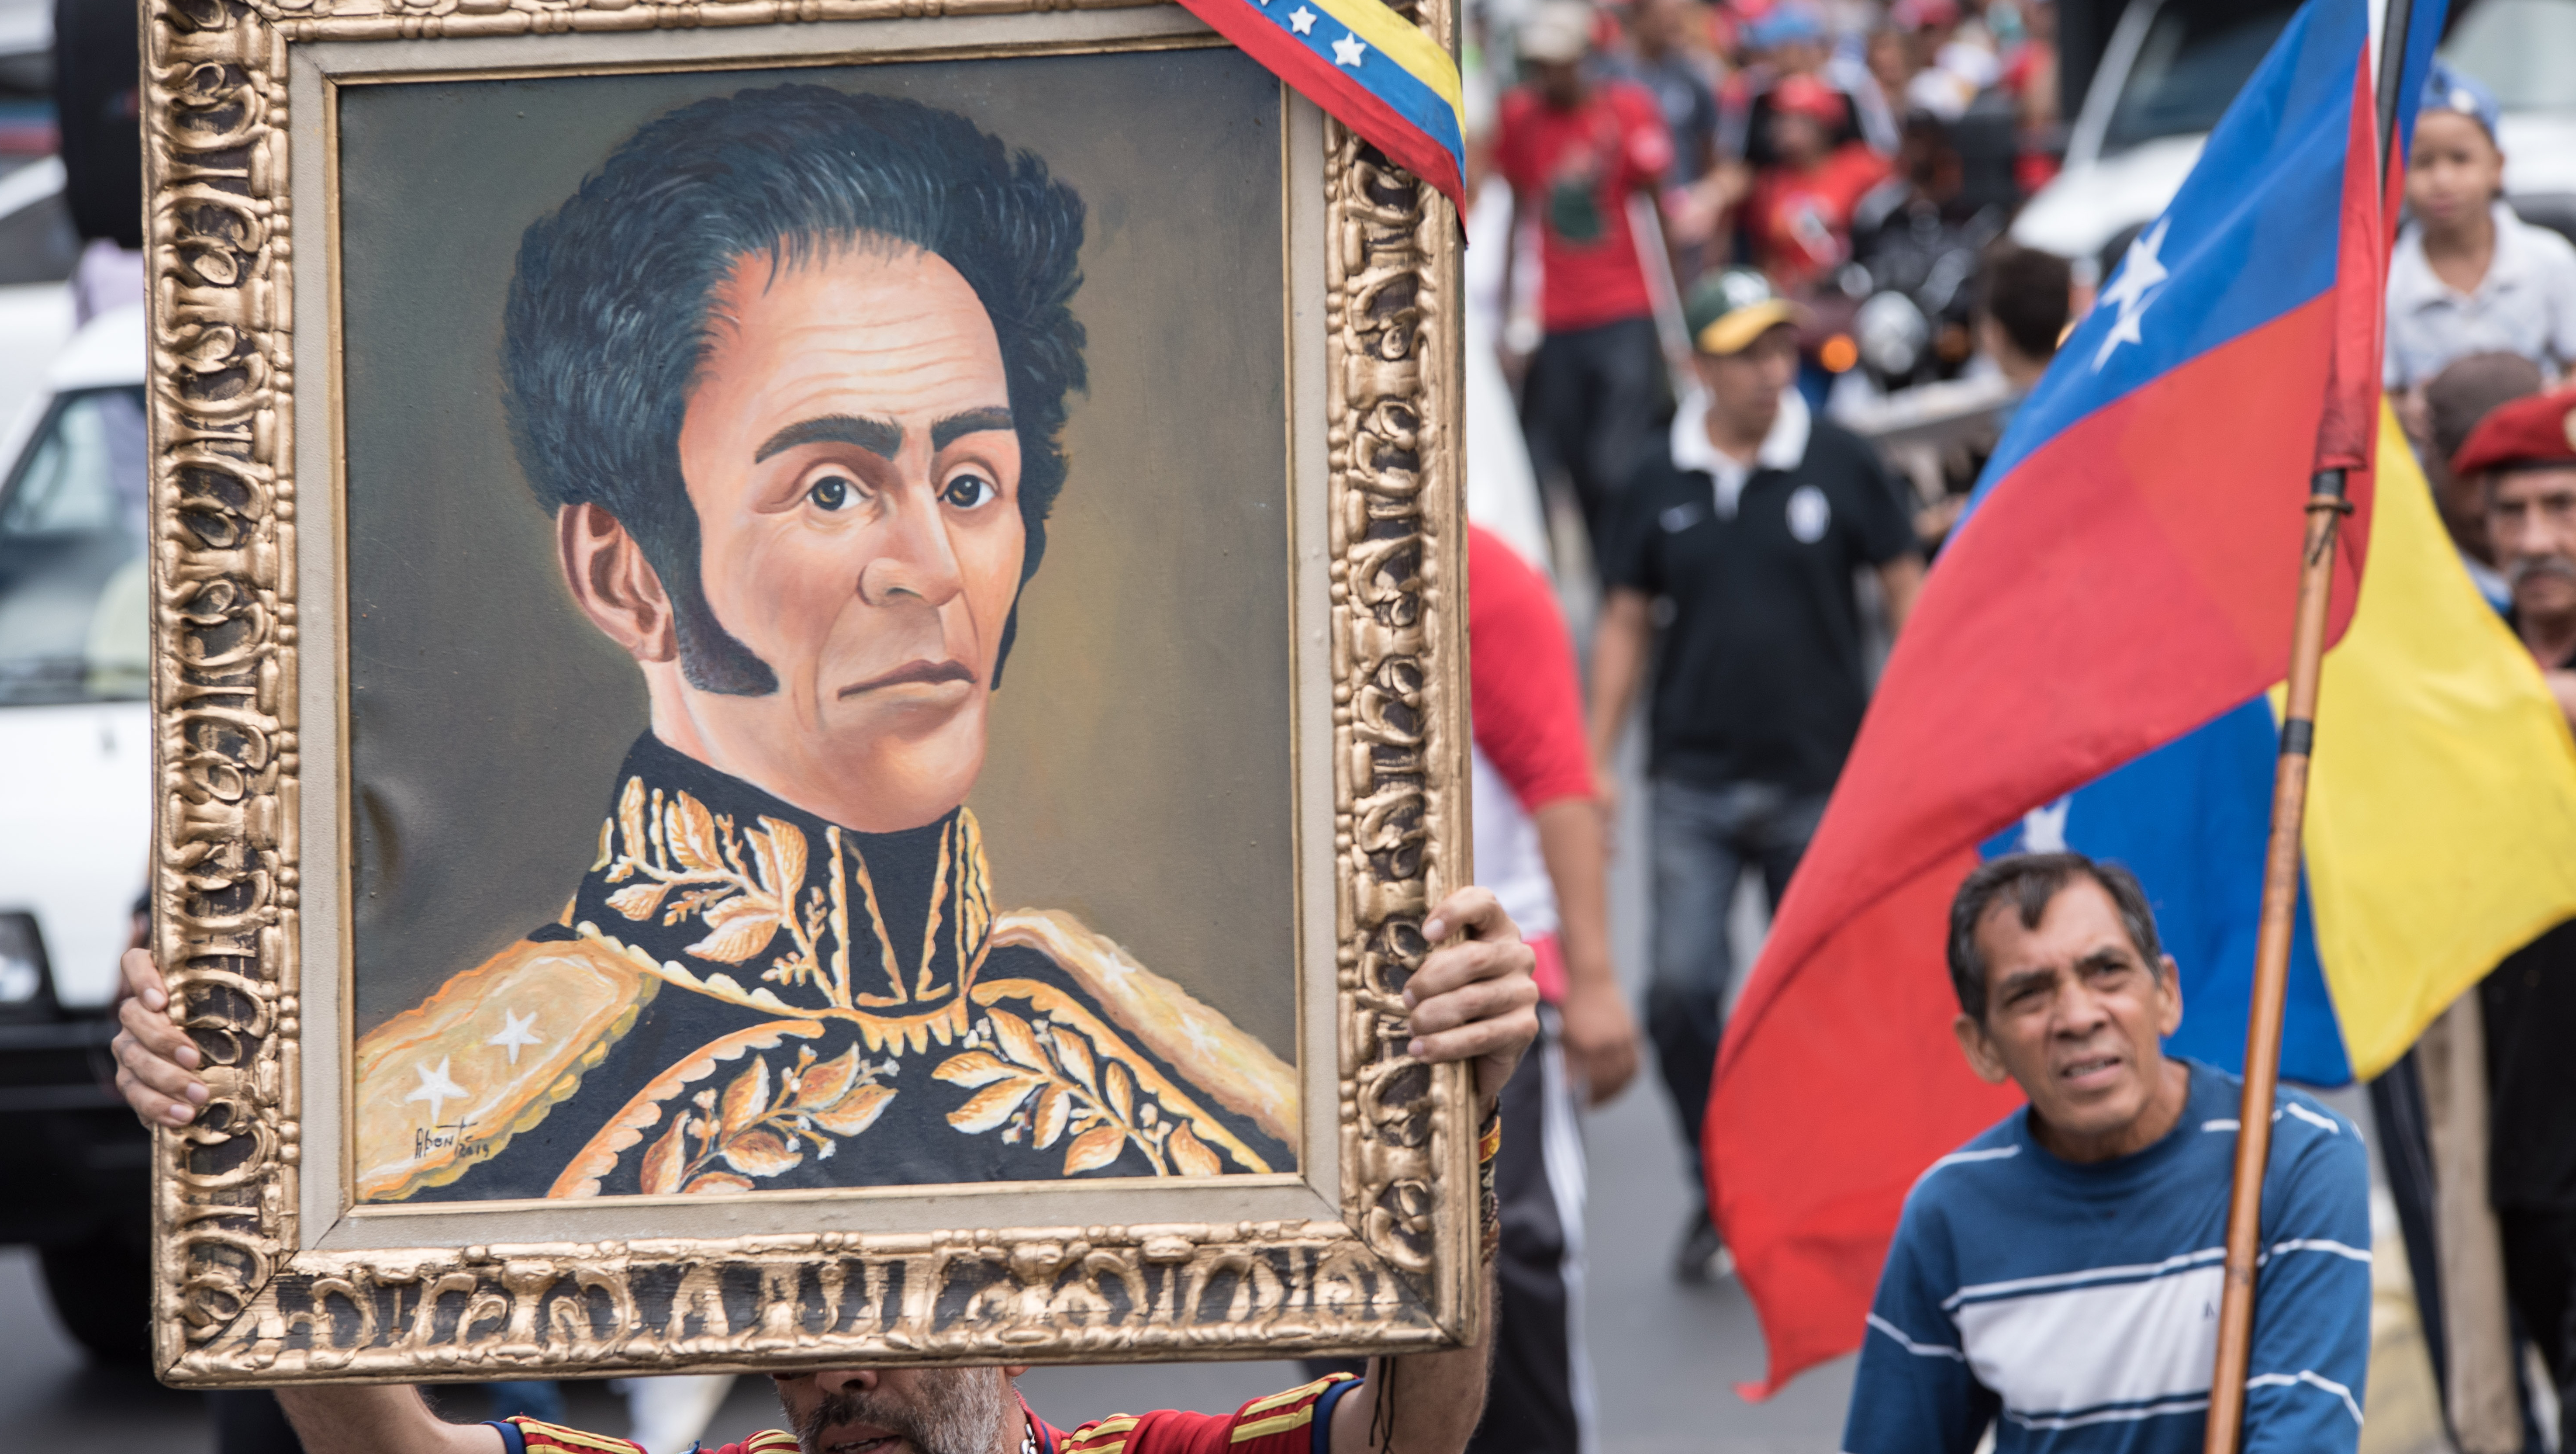 委内瑞拉民众庆祝独立日